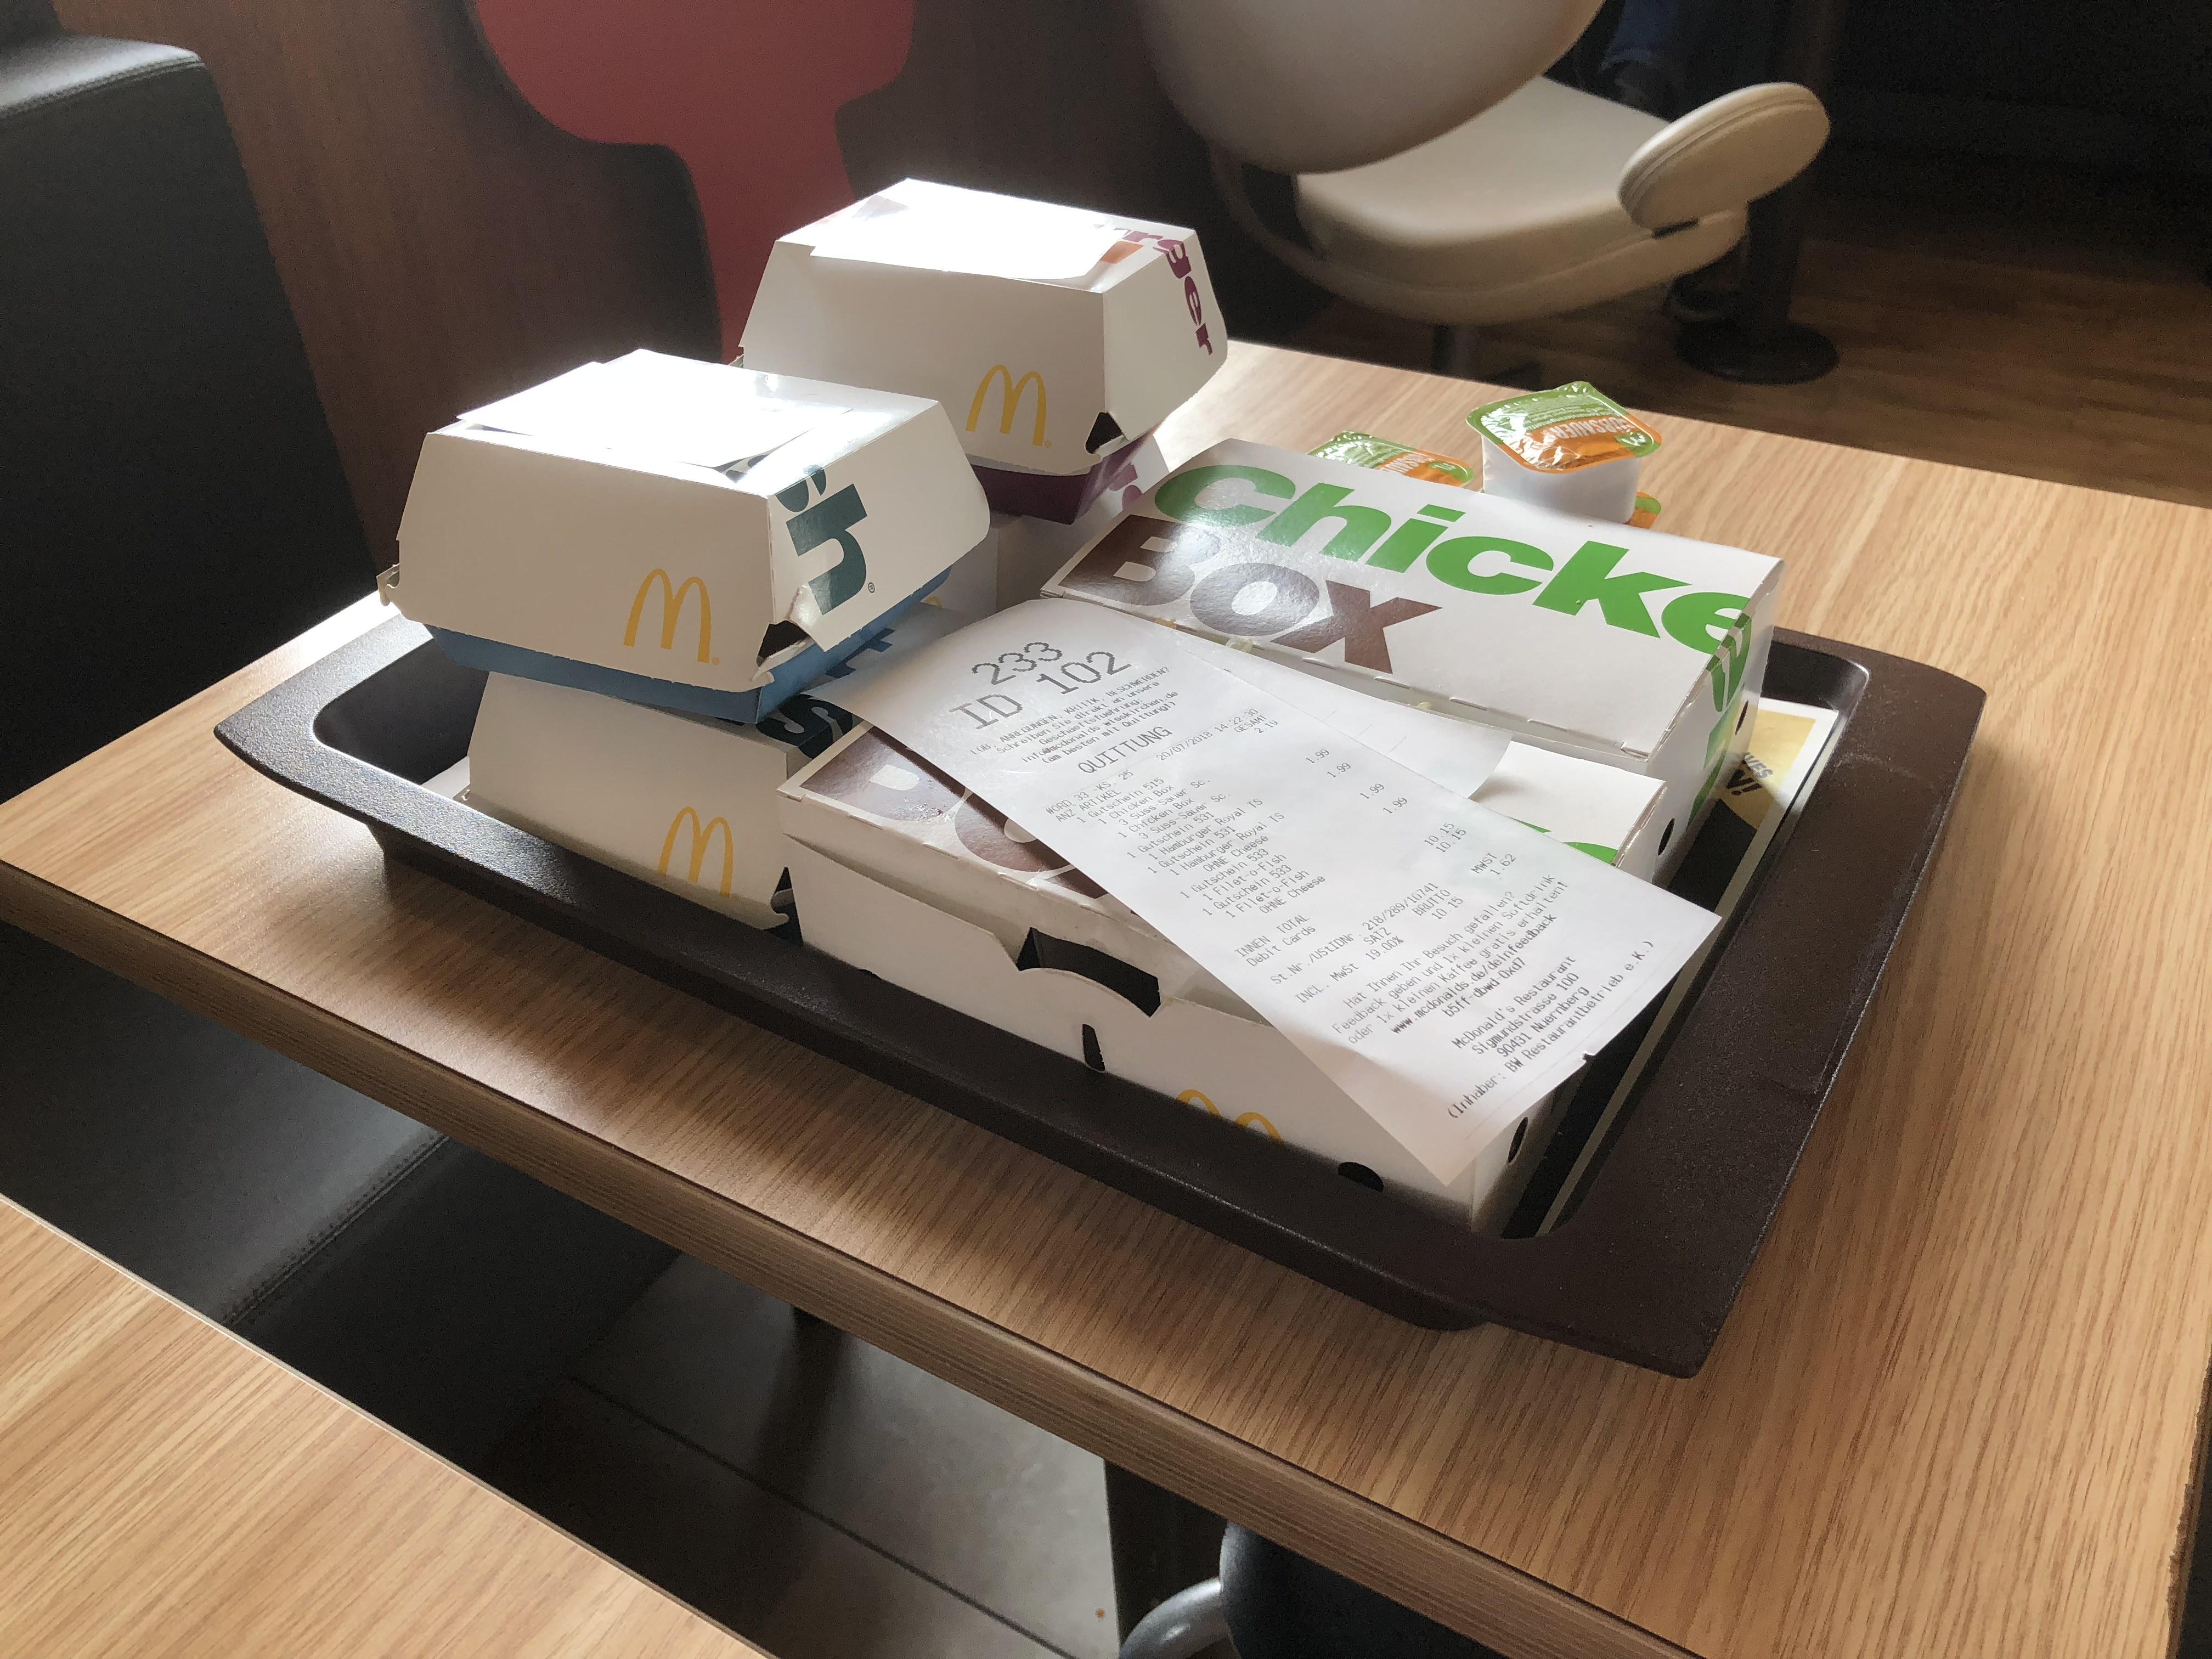 McDonalds 2x Chickenbox für 2,19€ am Kiosk mit 515 + weitere gute Codes